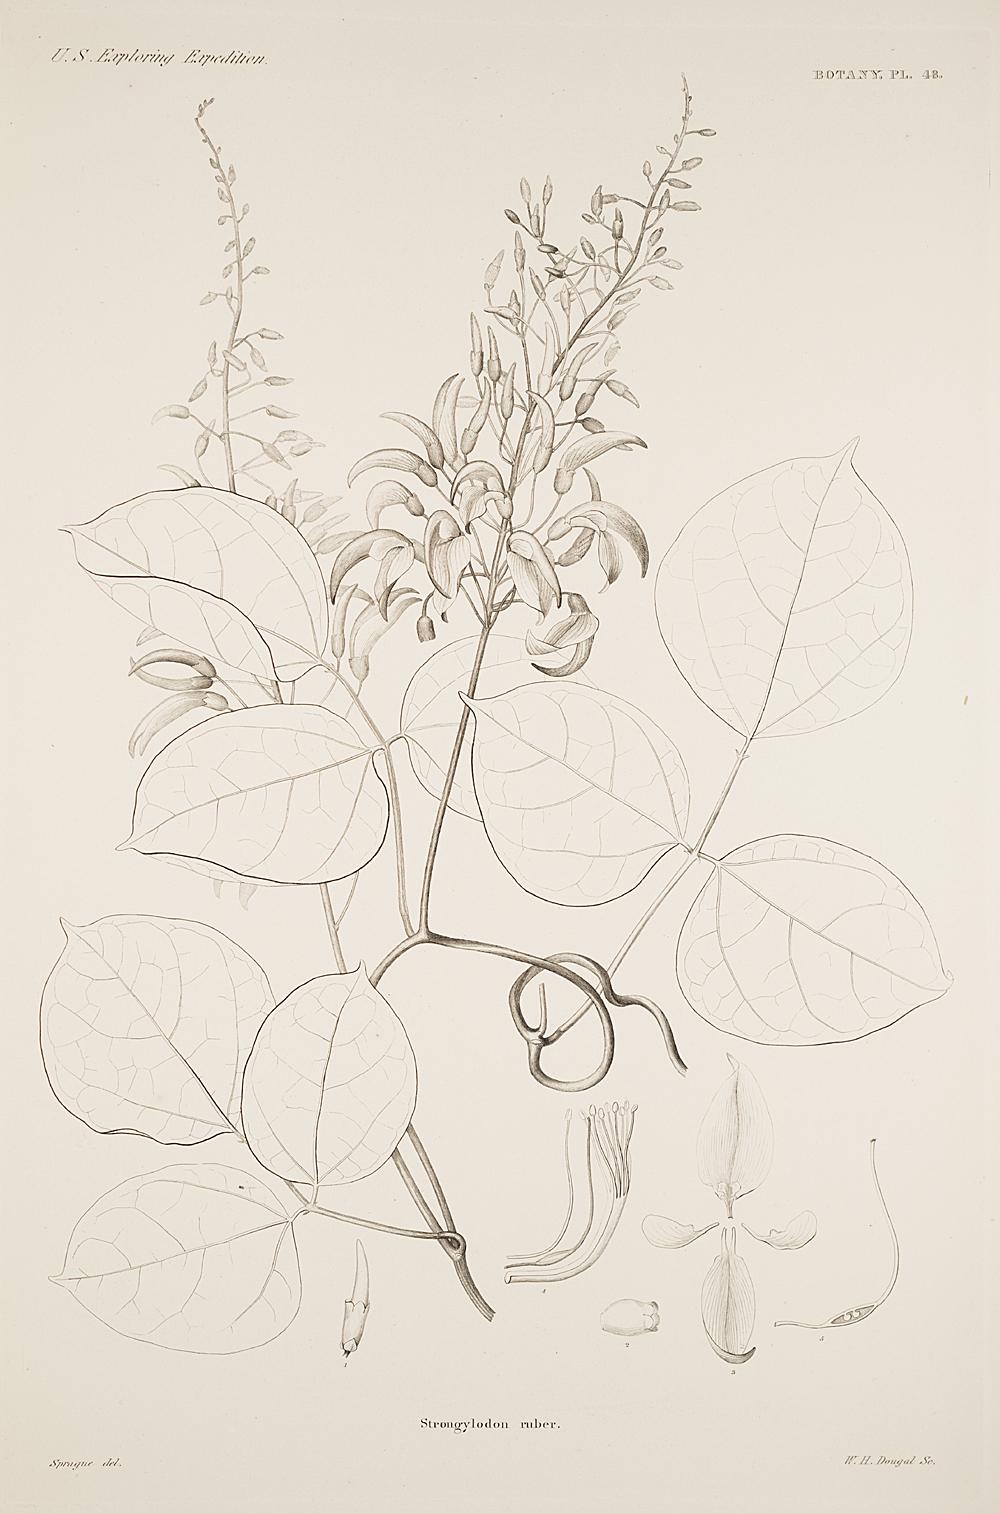 Botany, Pl. 48,  Image number:sil19-23-107b